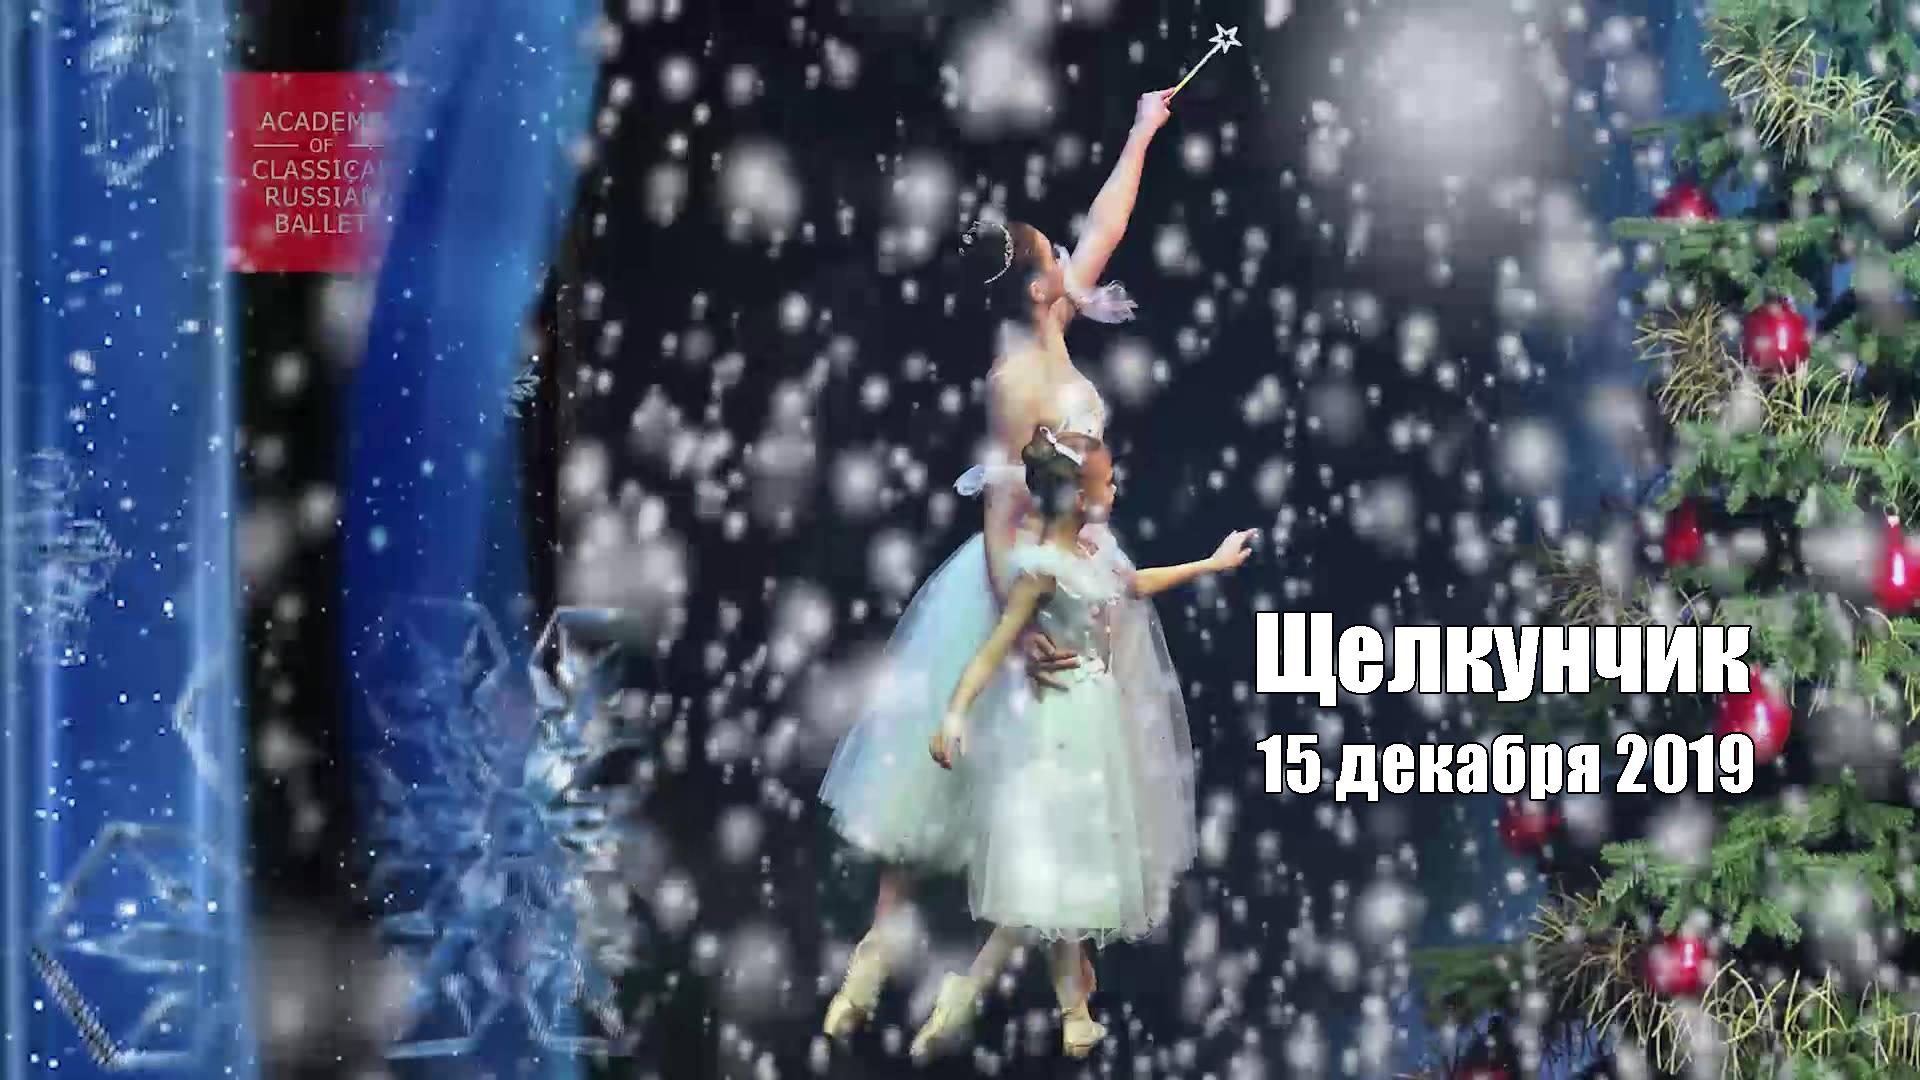 15 декабря Щелкунчик в Нордвейке